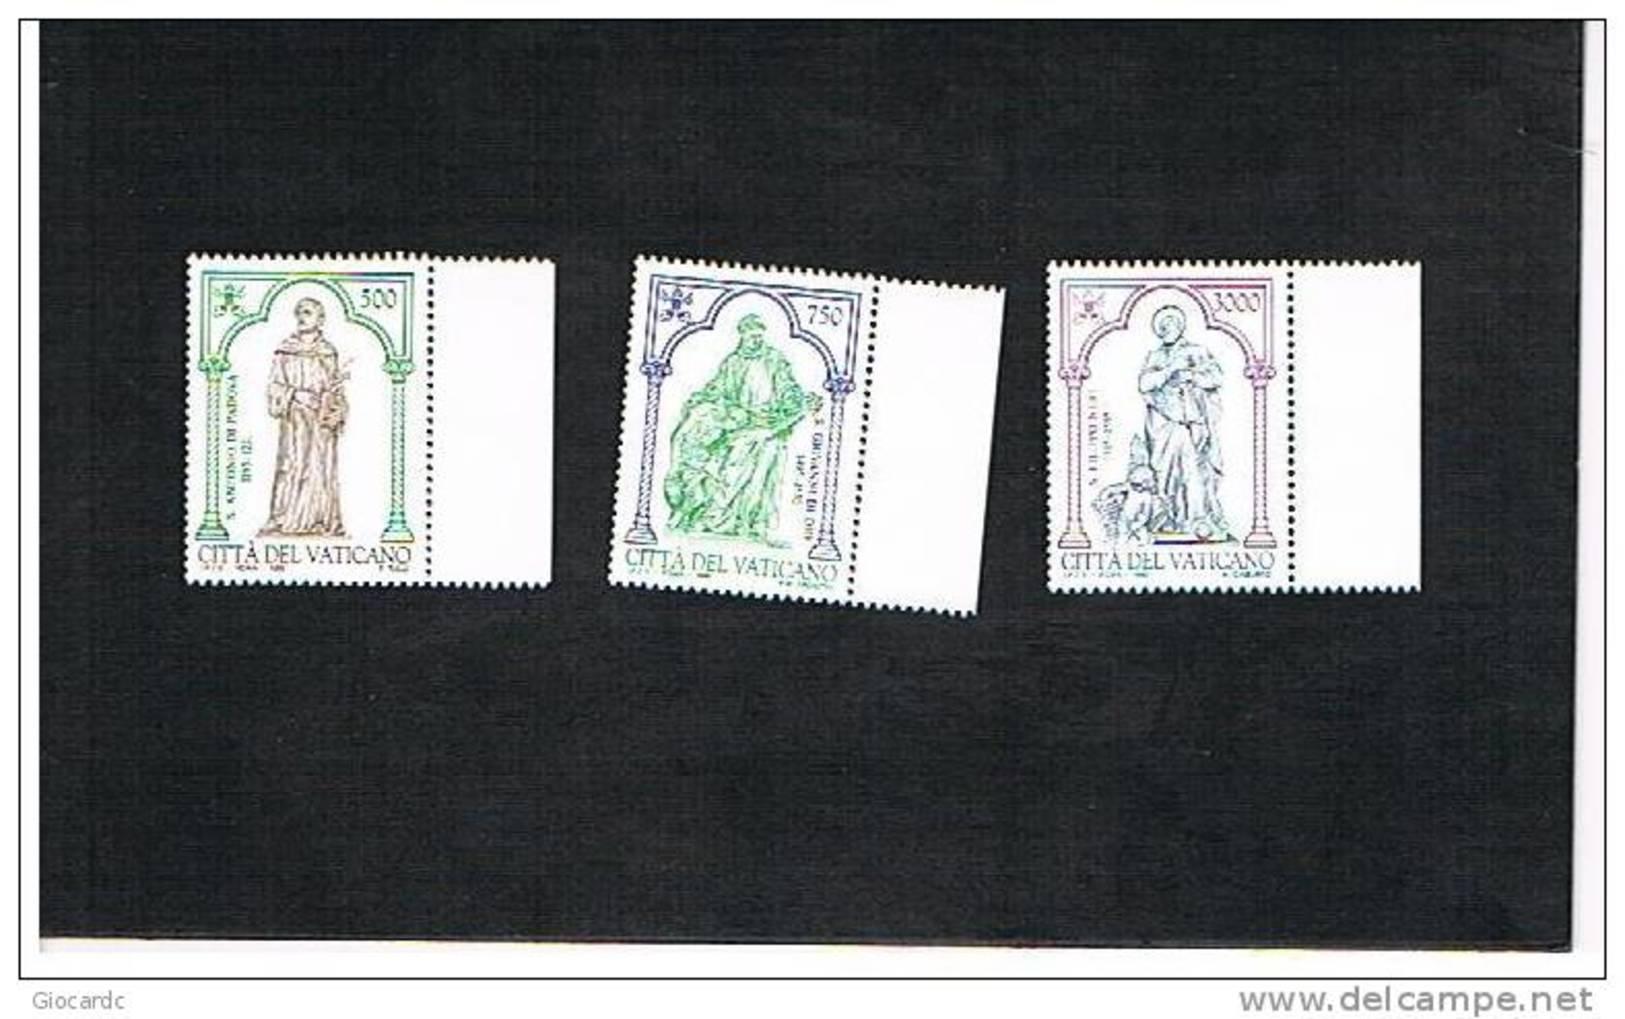 VATICANO - UNIF.1032.1034 -1995 ANNIVERSARI: S.ANTONIO DA PADOVA, S. GIOVANNI DI DIO, S.FILIPPO NERI -   NUOVI  (MINT)** - Vaticano (Ciudad Del)